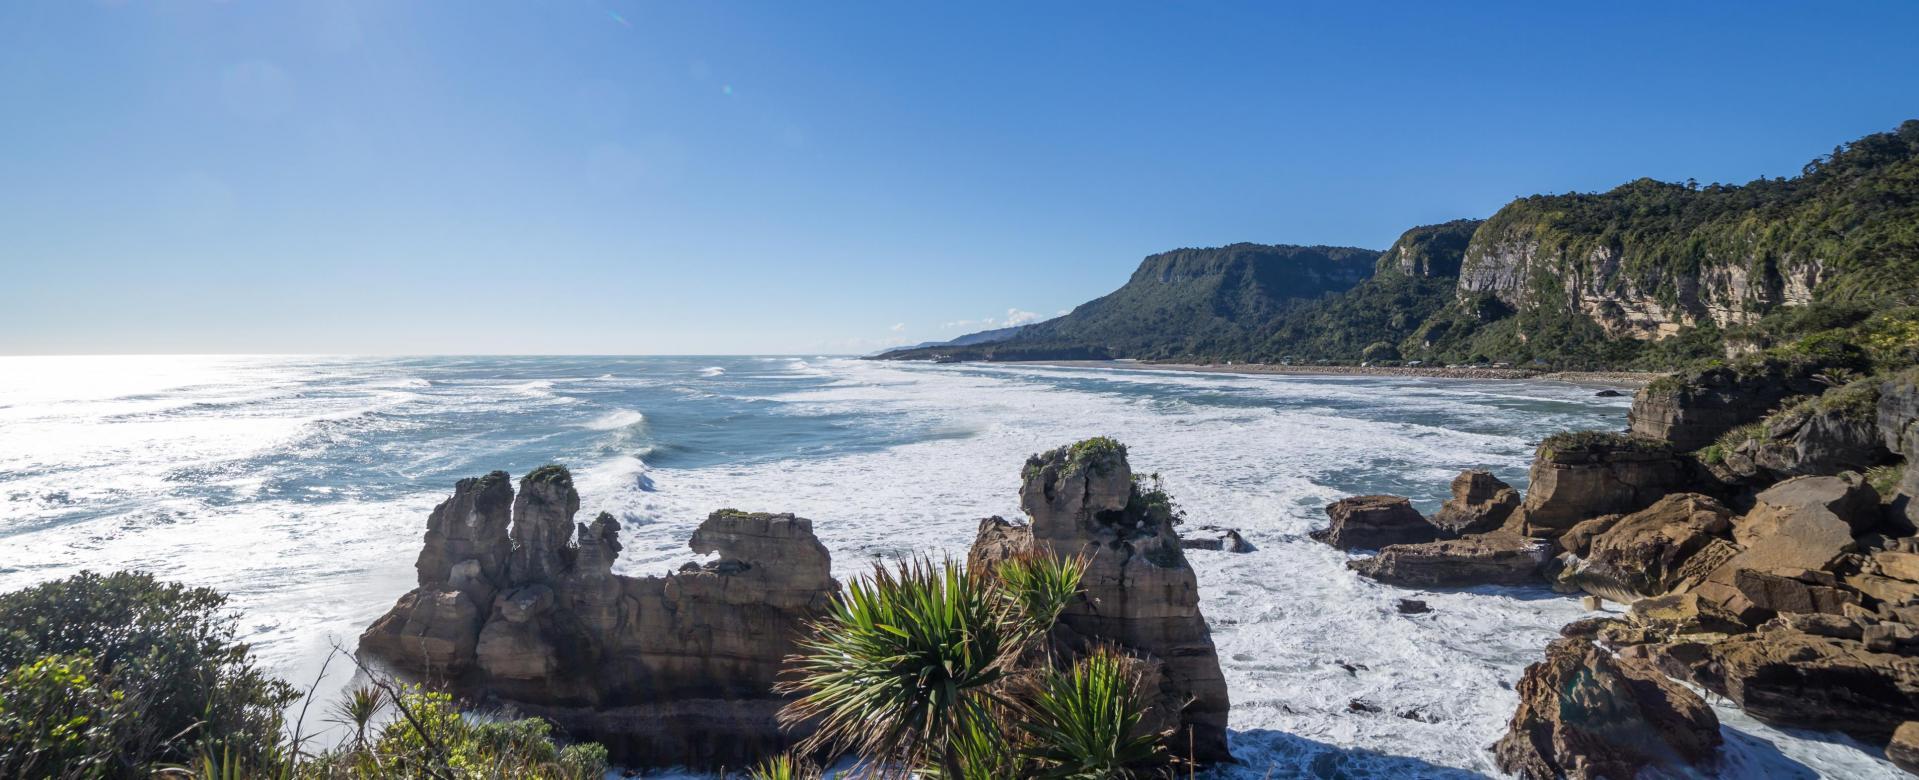 Voyage à pied : Aotearoa, îles des antipodes